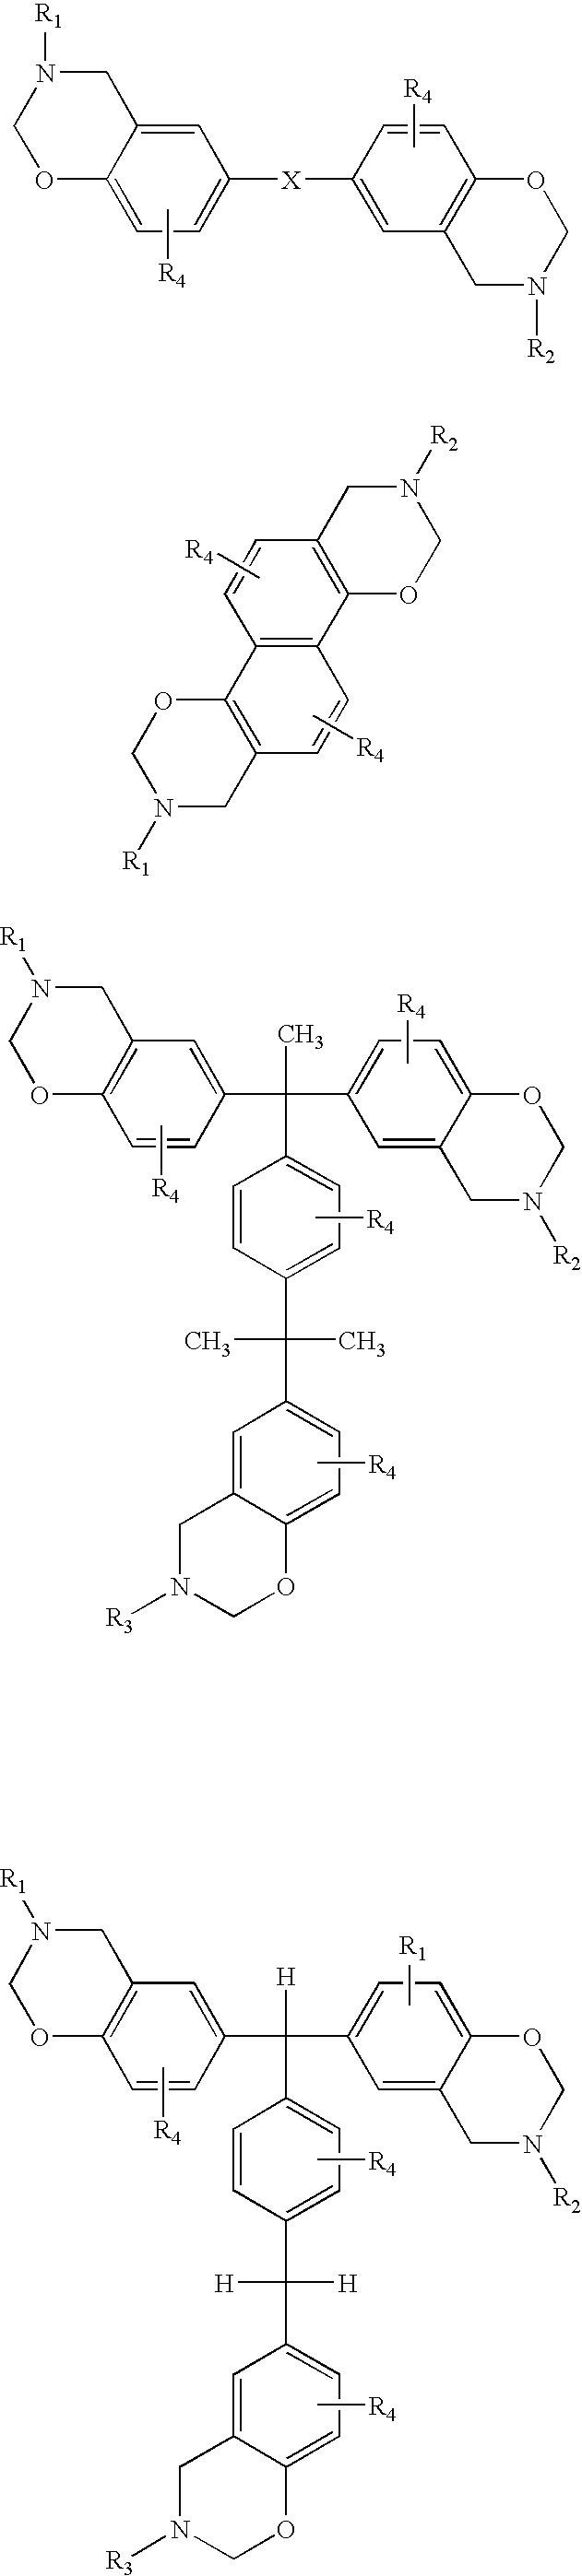 Figure US07537827-20090526-C00019